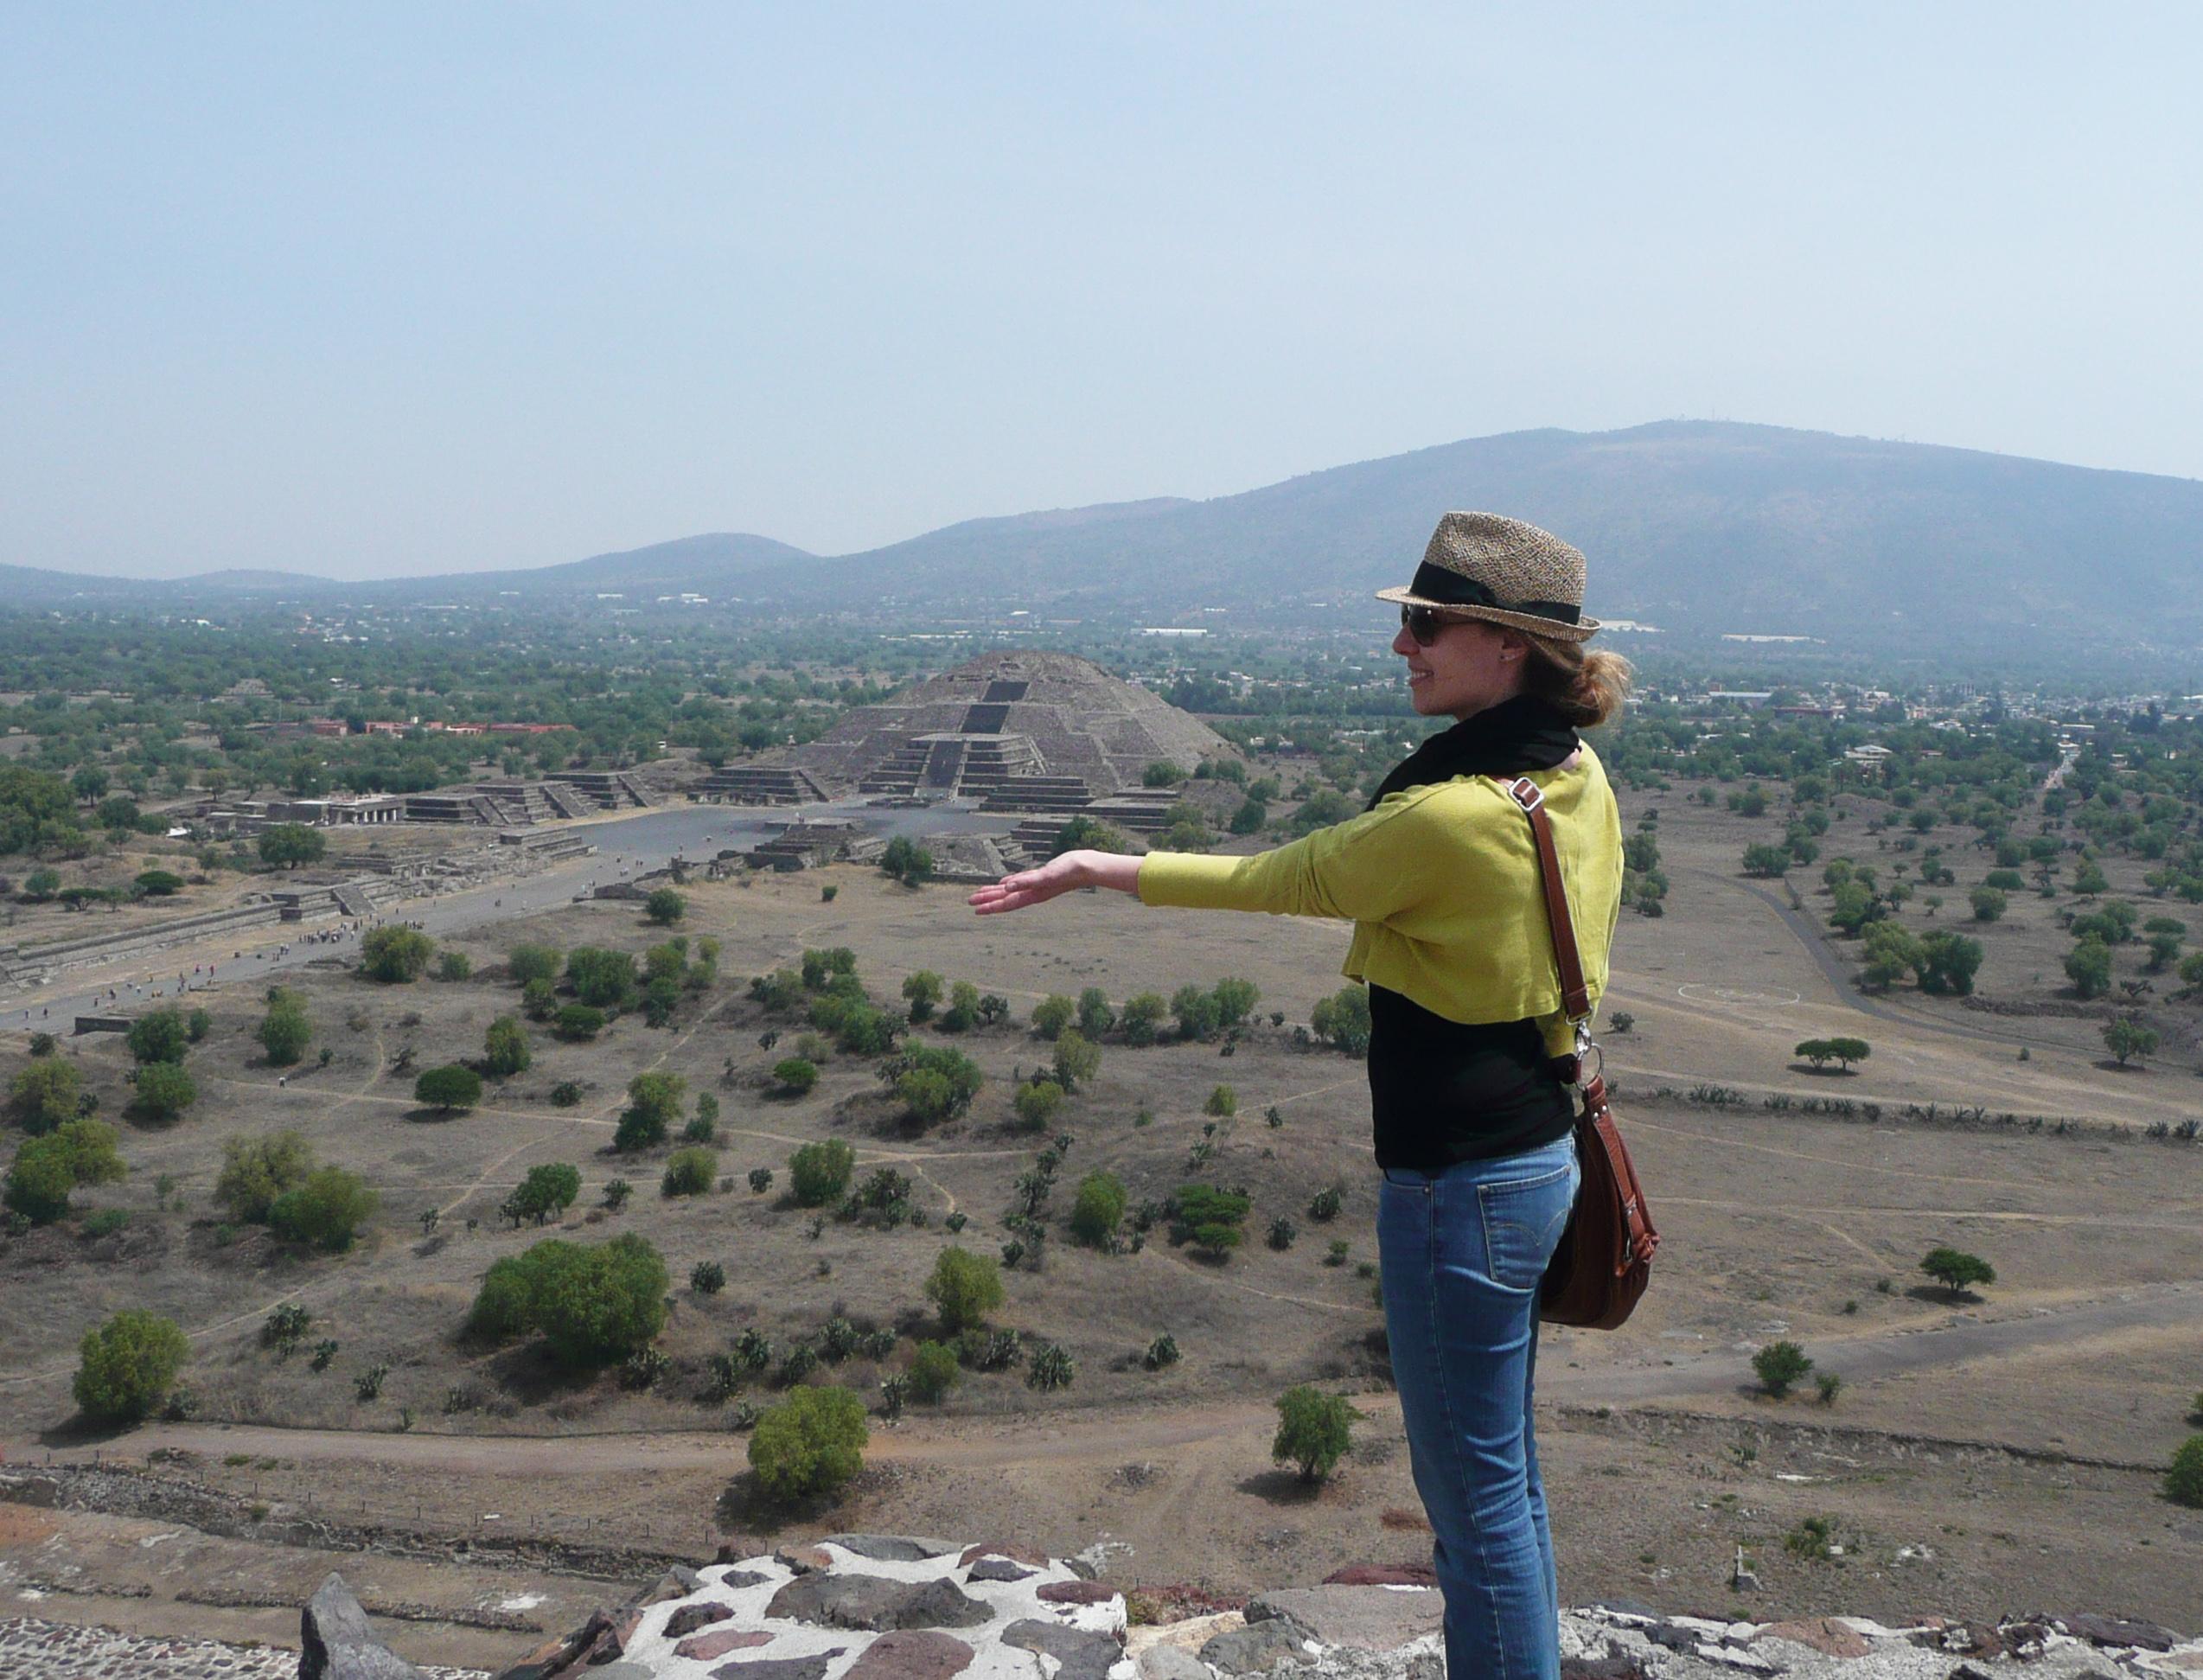 Julia Braga - visite de la pyramide de la lune et du soleil au Mexique